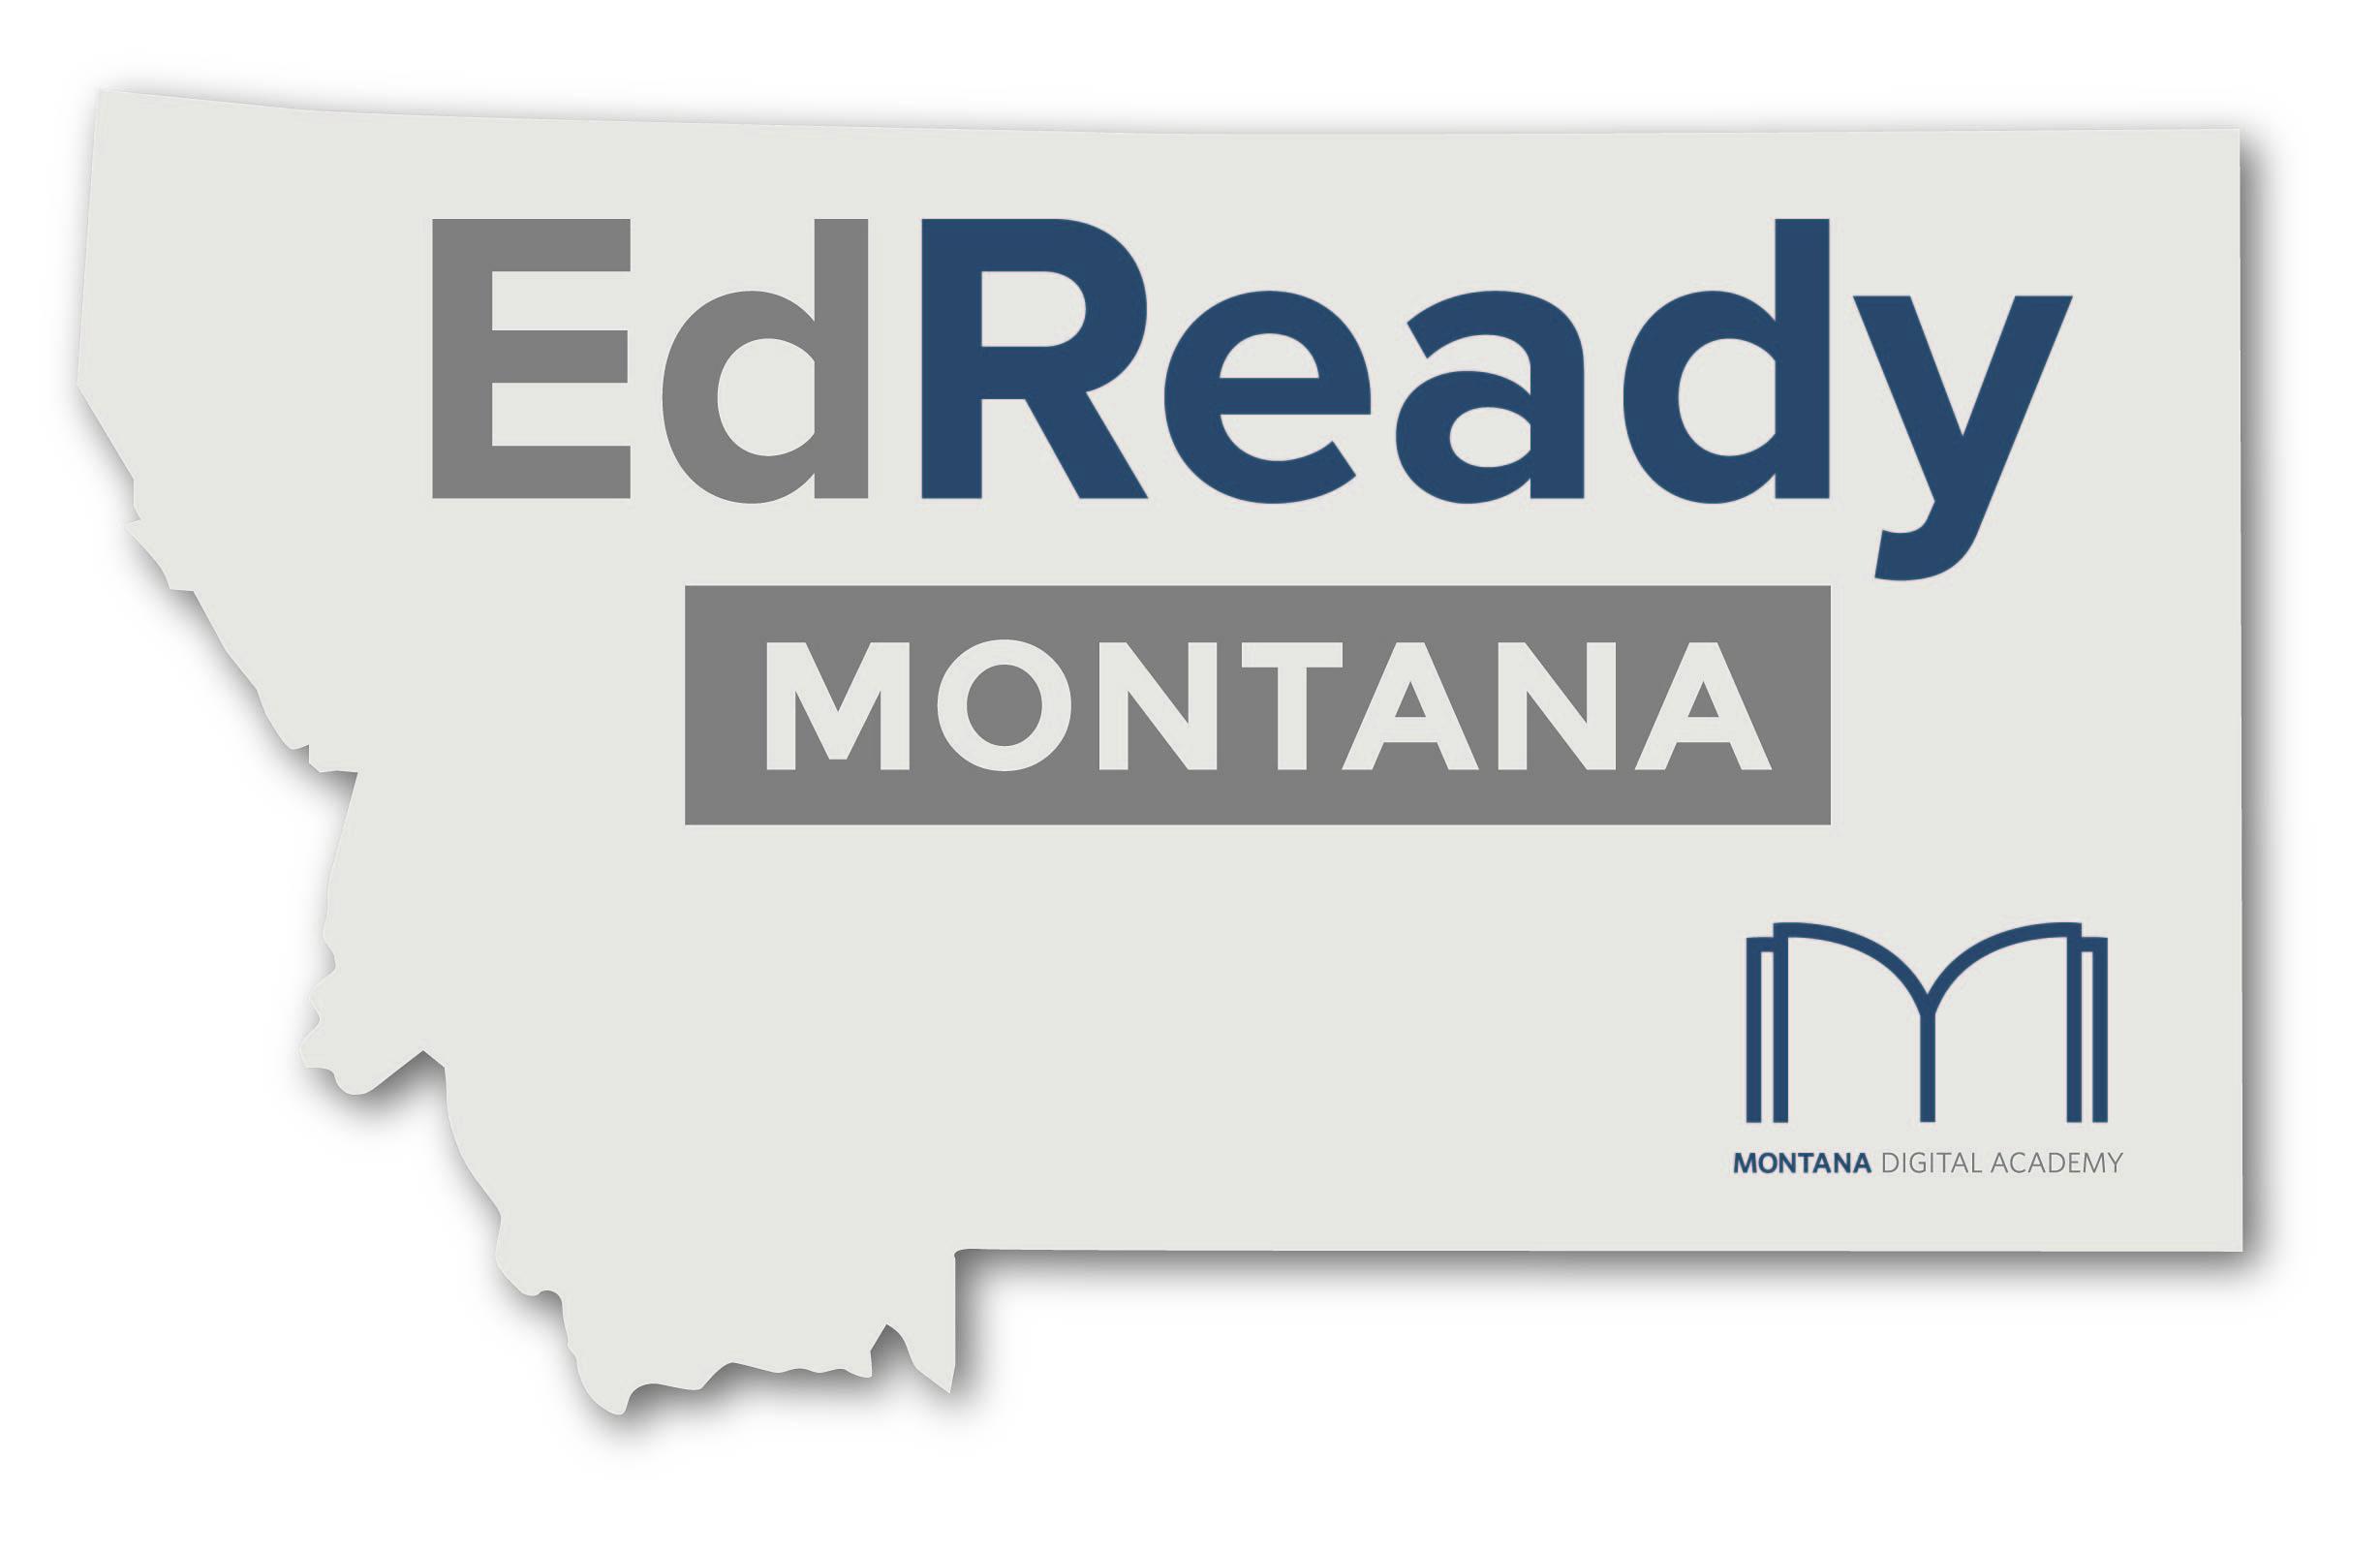 EdReady Montana